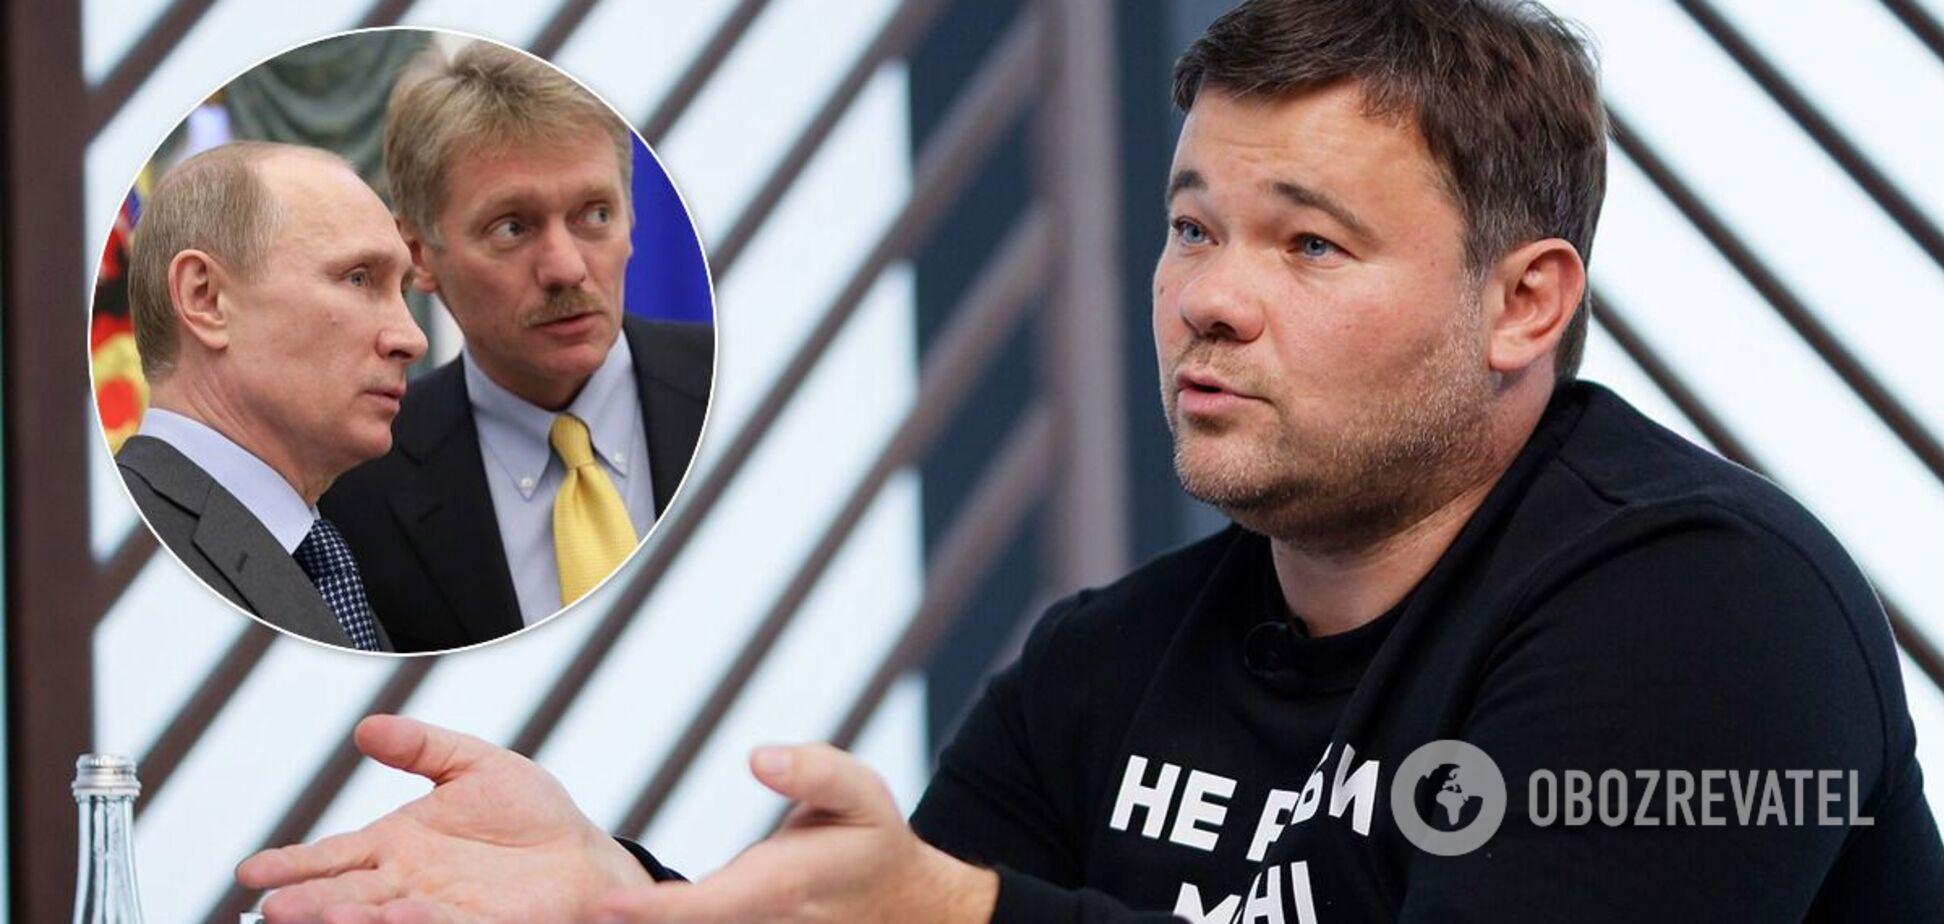 У Путина ответили Богдану за призыв о 'шаге назад' на Донбассе